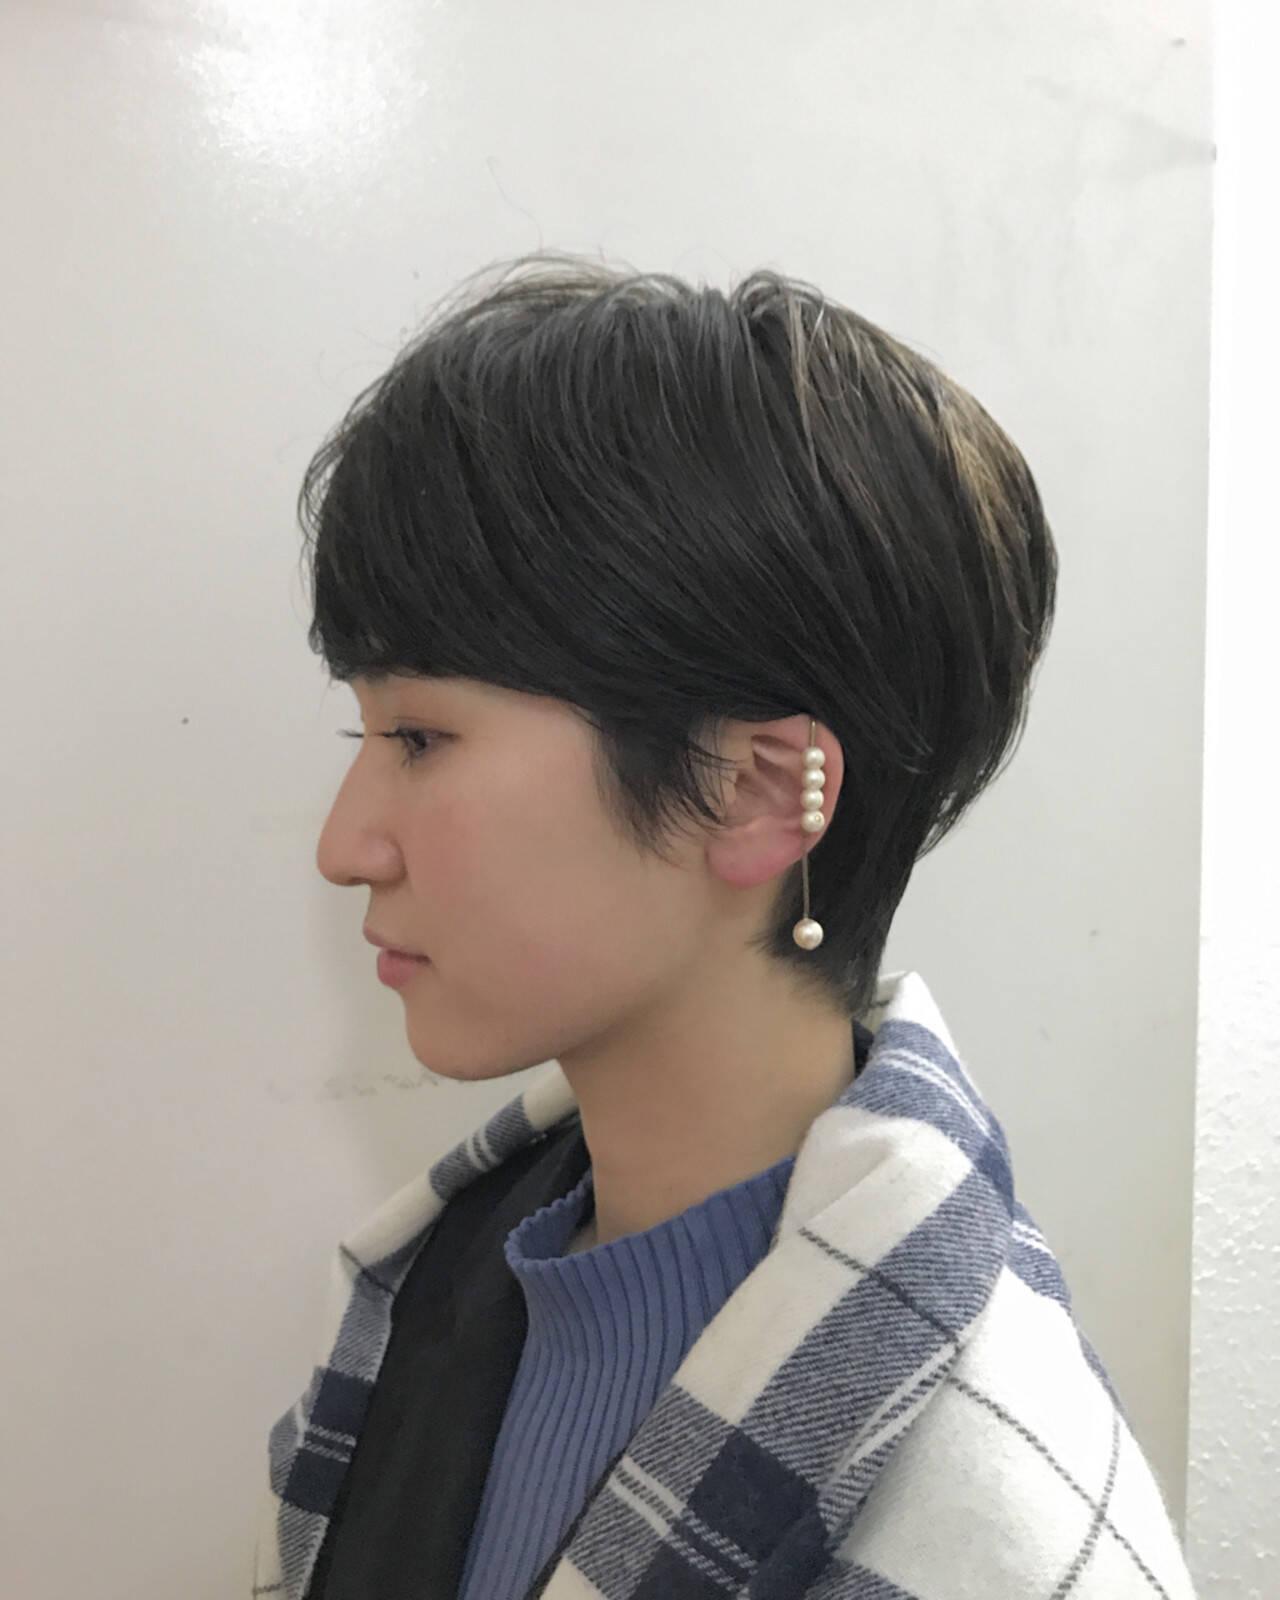 ウェットヘア ストレート 暗髪 ショートヘアスタイルや髪型の写真・画像